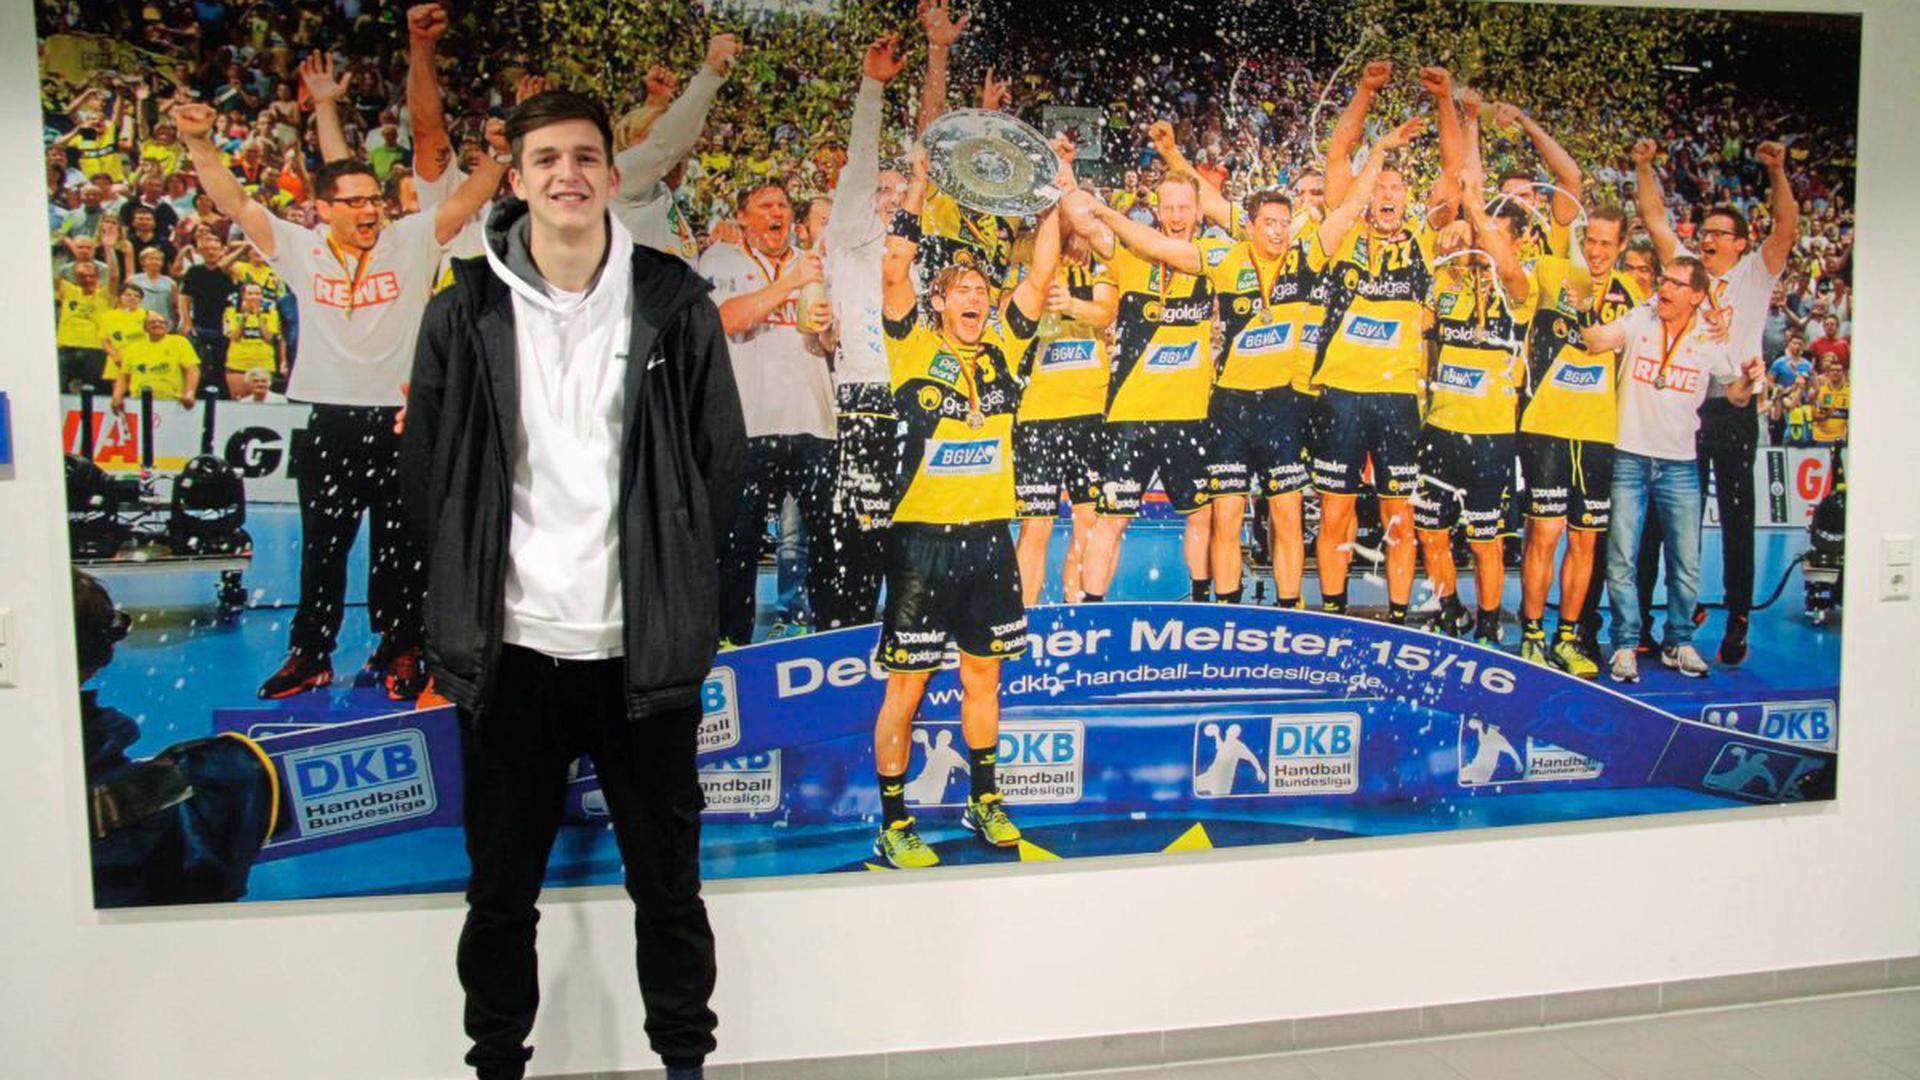 Robert Kraß ist in der Jugend der Rhein-Neckar-Löwen aktiv. Sein Ziel ist es, Profihandballer zu werden.